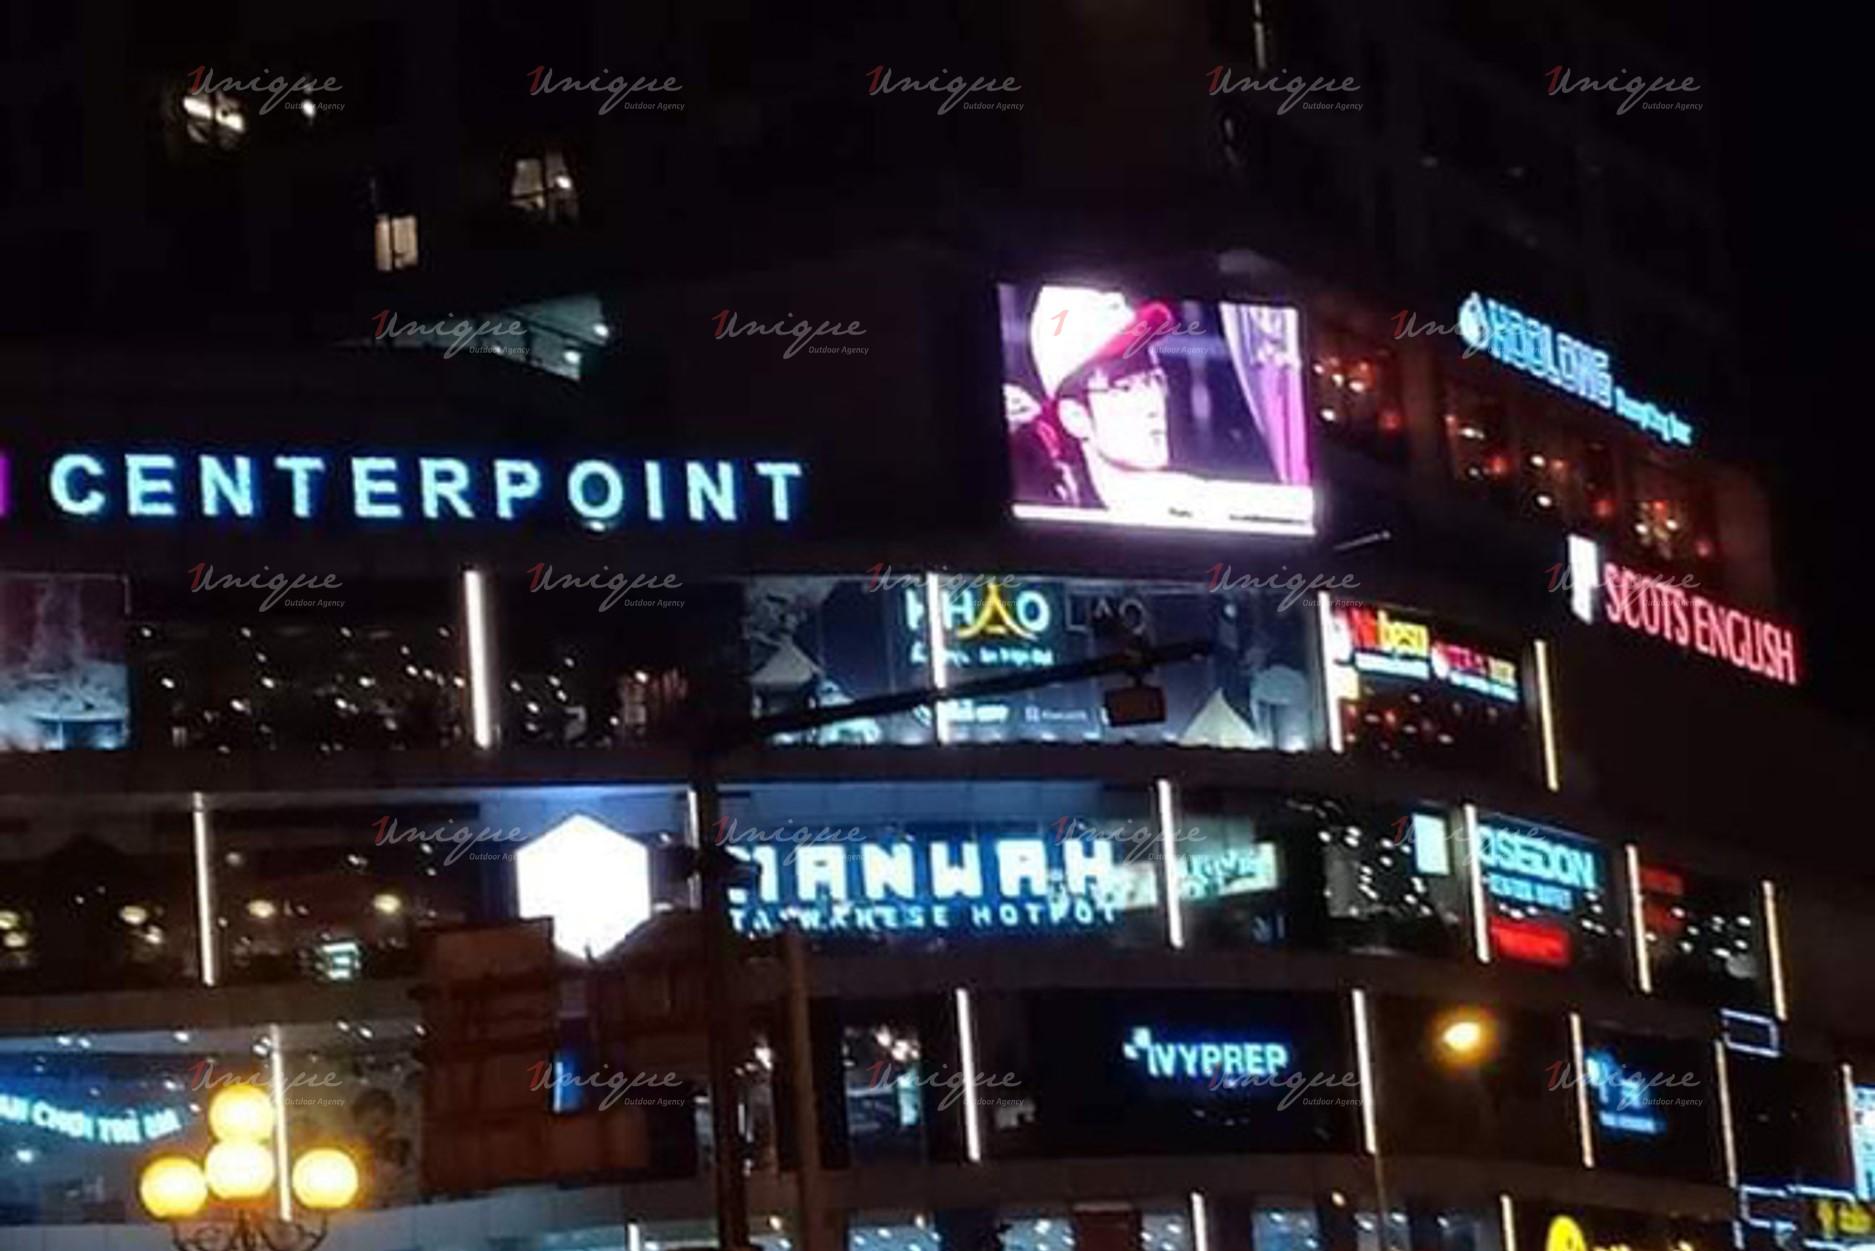 faker quảng cáo màn hình led ngoài trời